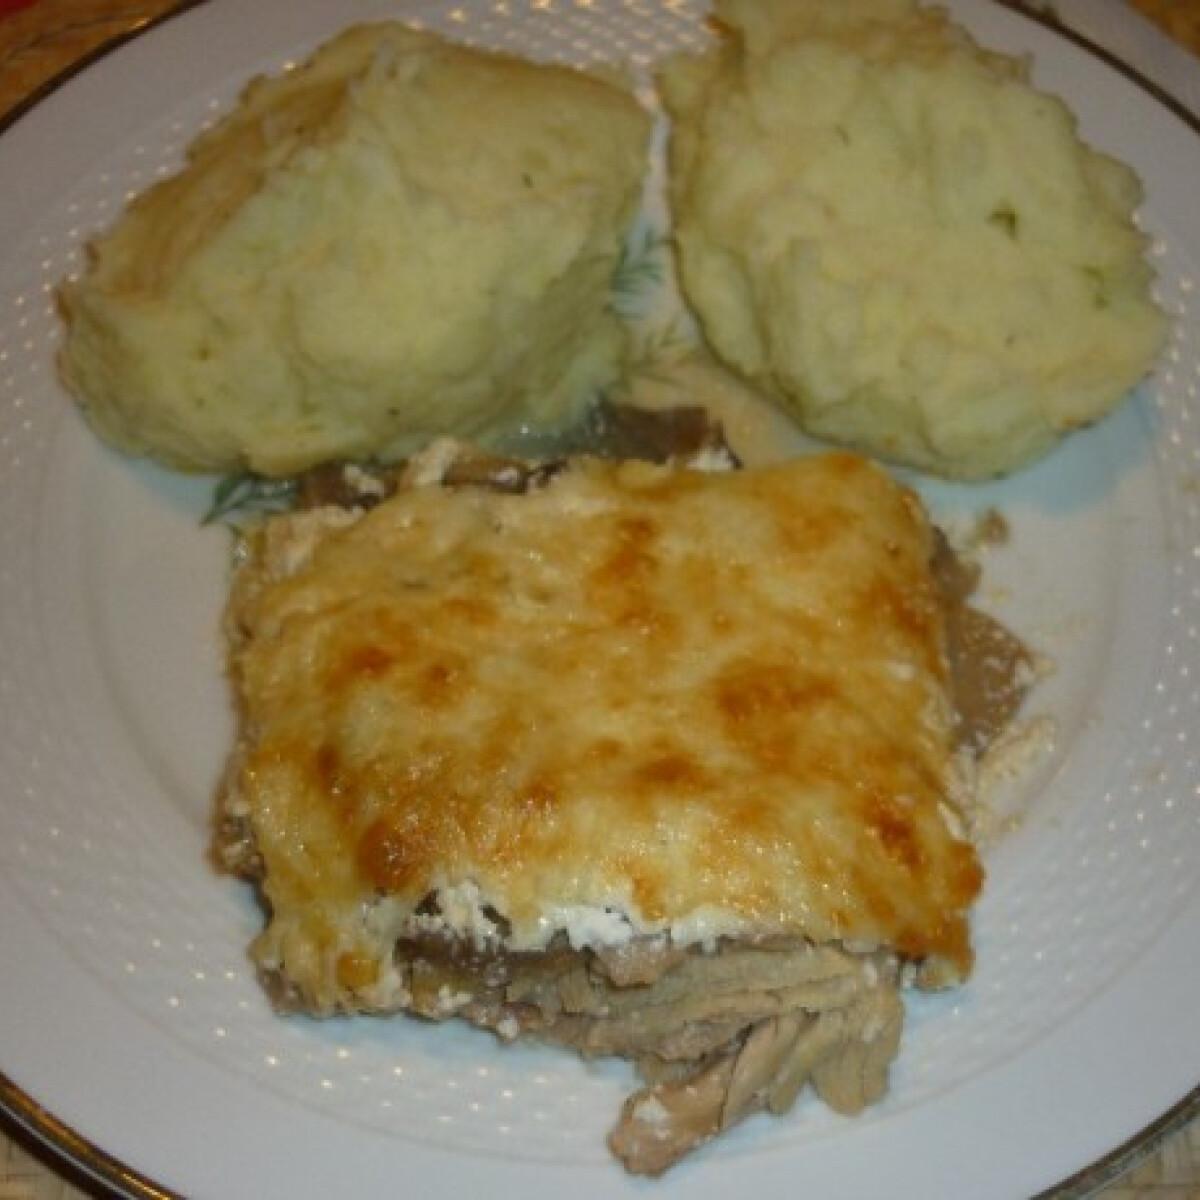 Ezen a képen: Csirke sörben gombával sajttal tepsiben